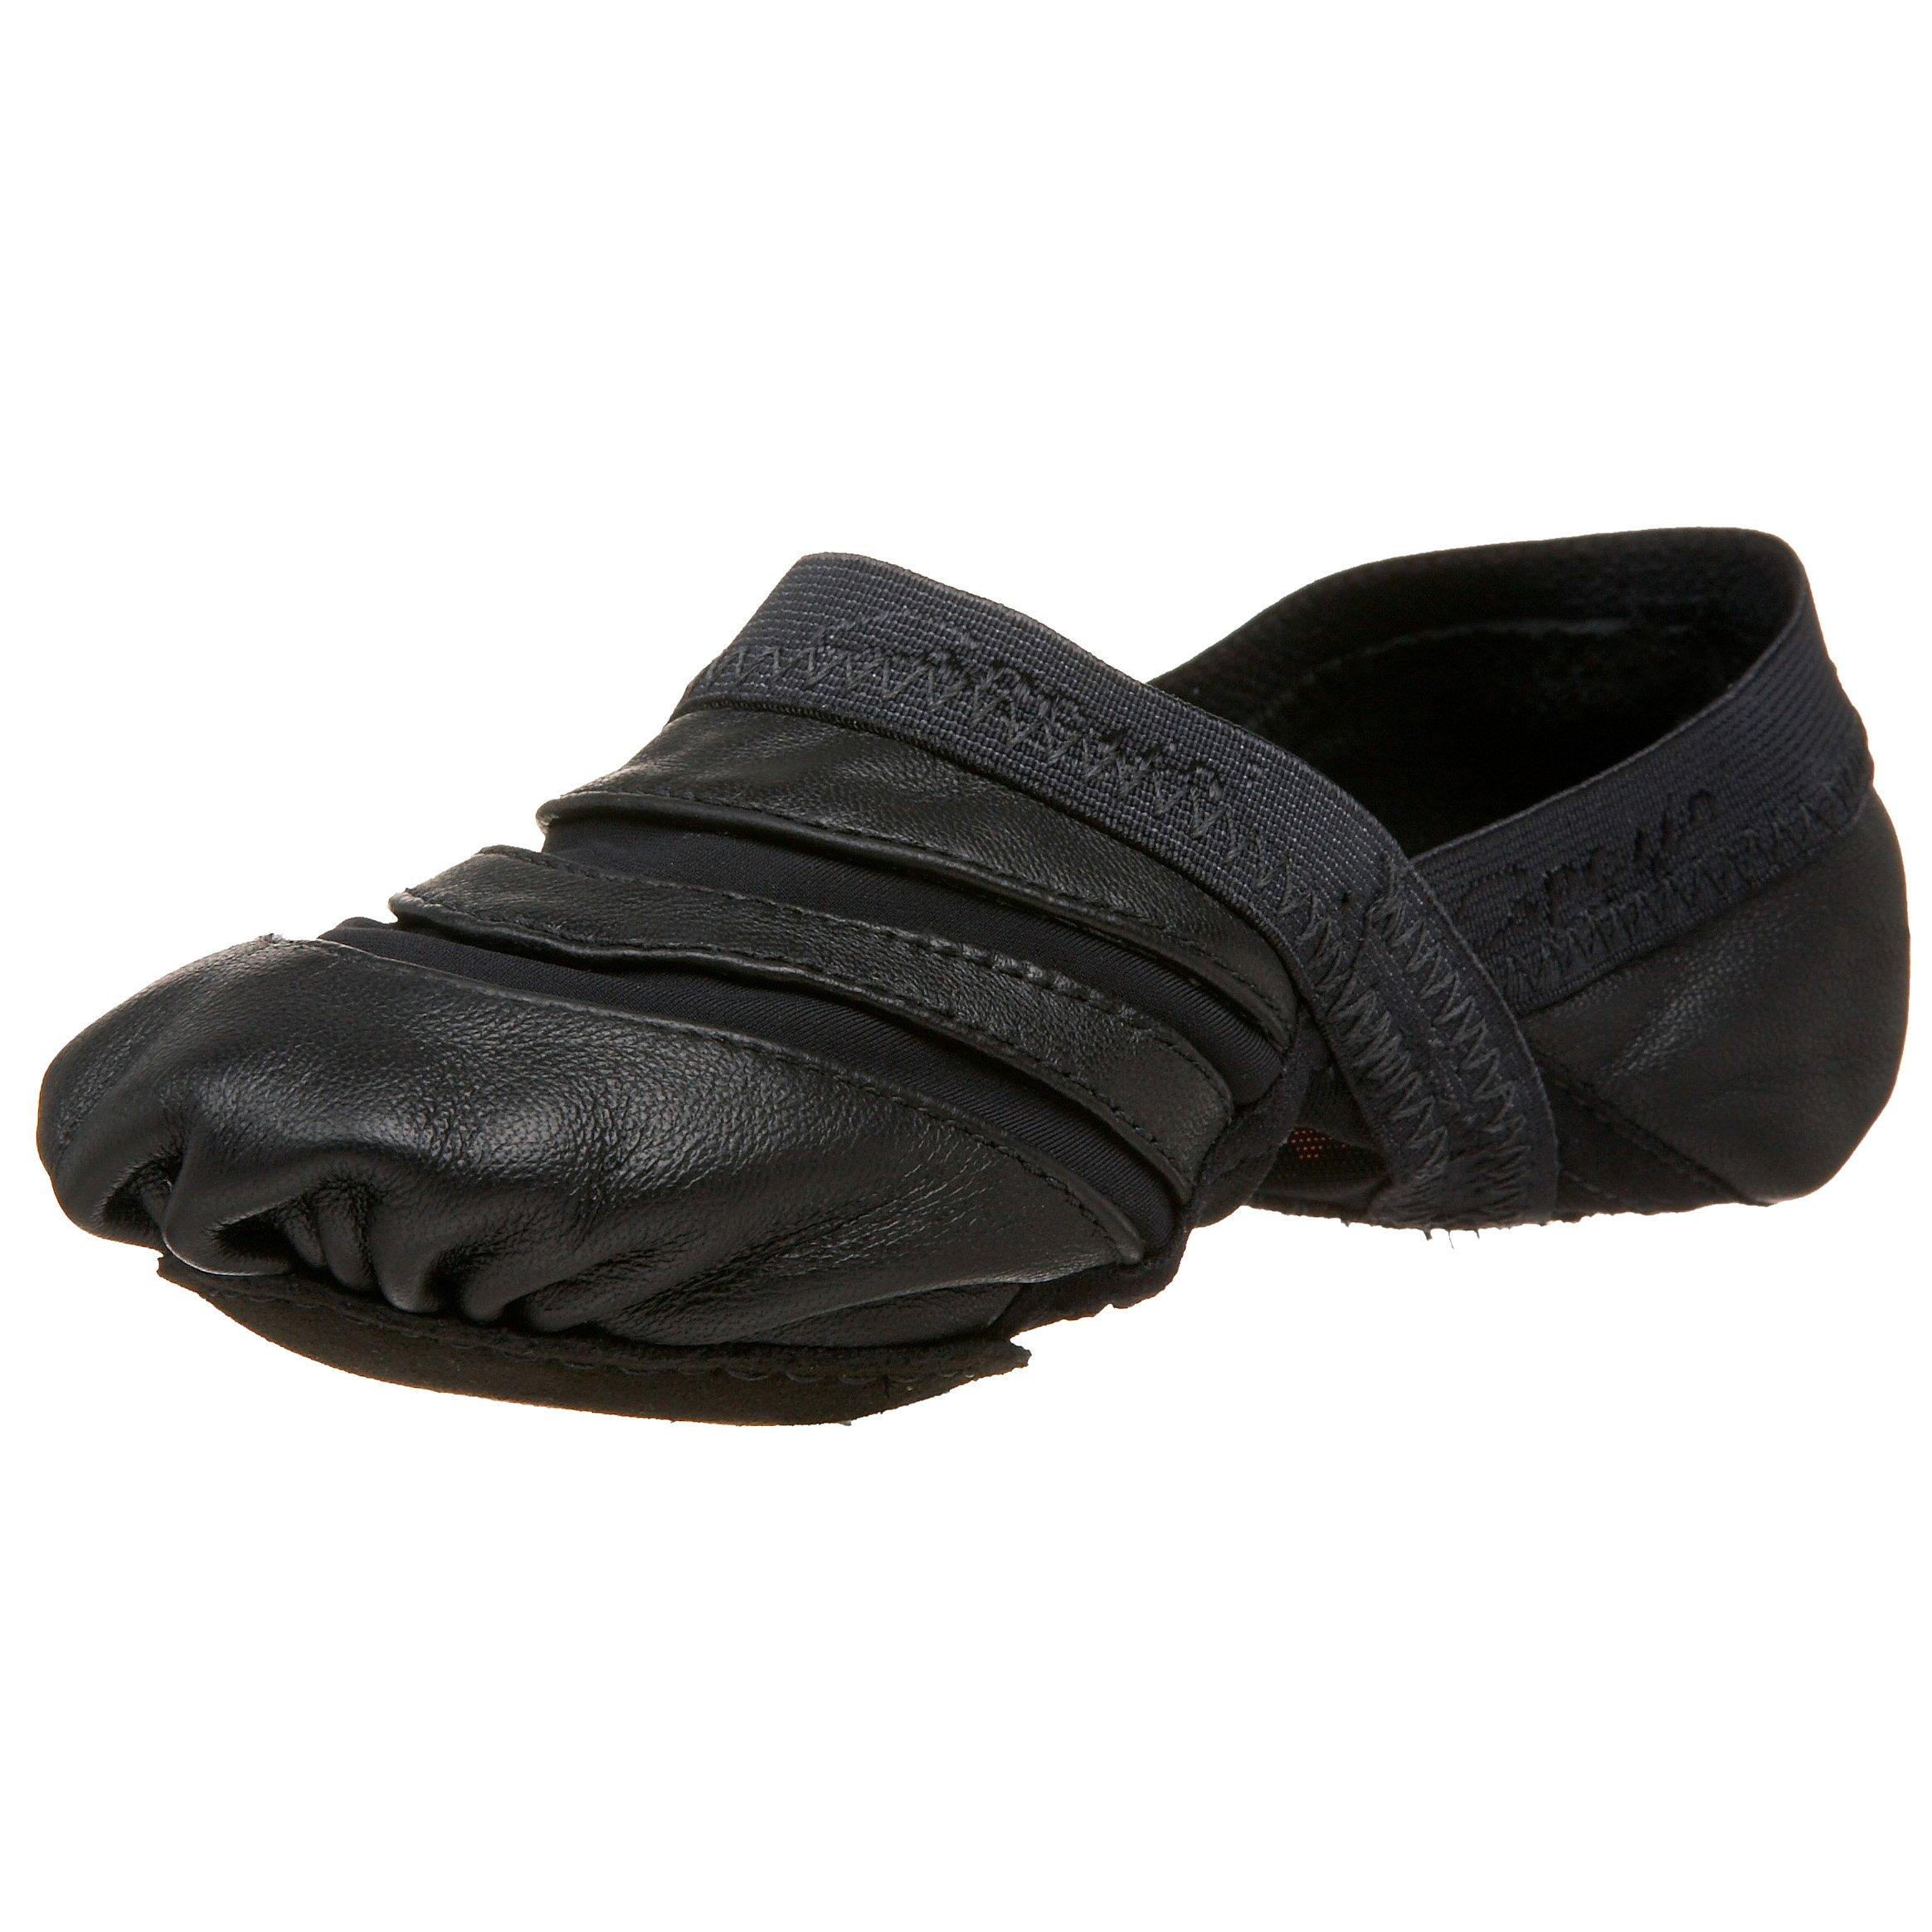 Capezio Women's Freeform Ballet Shoe,Black,10 M US